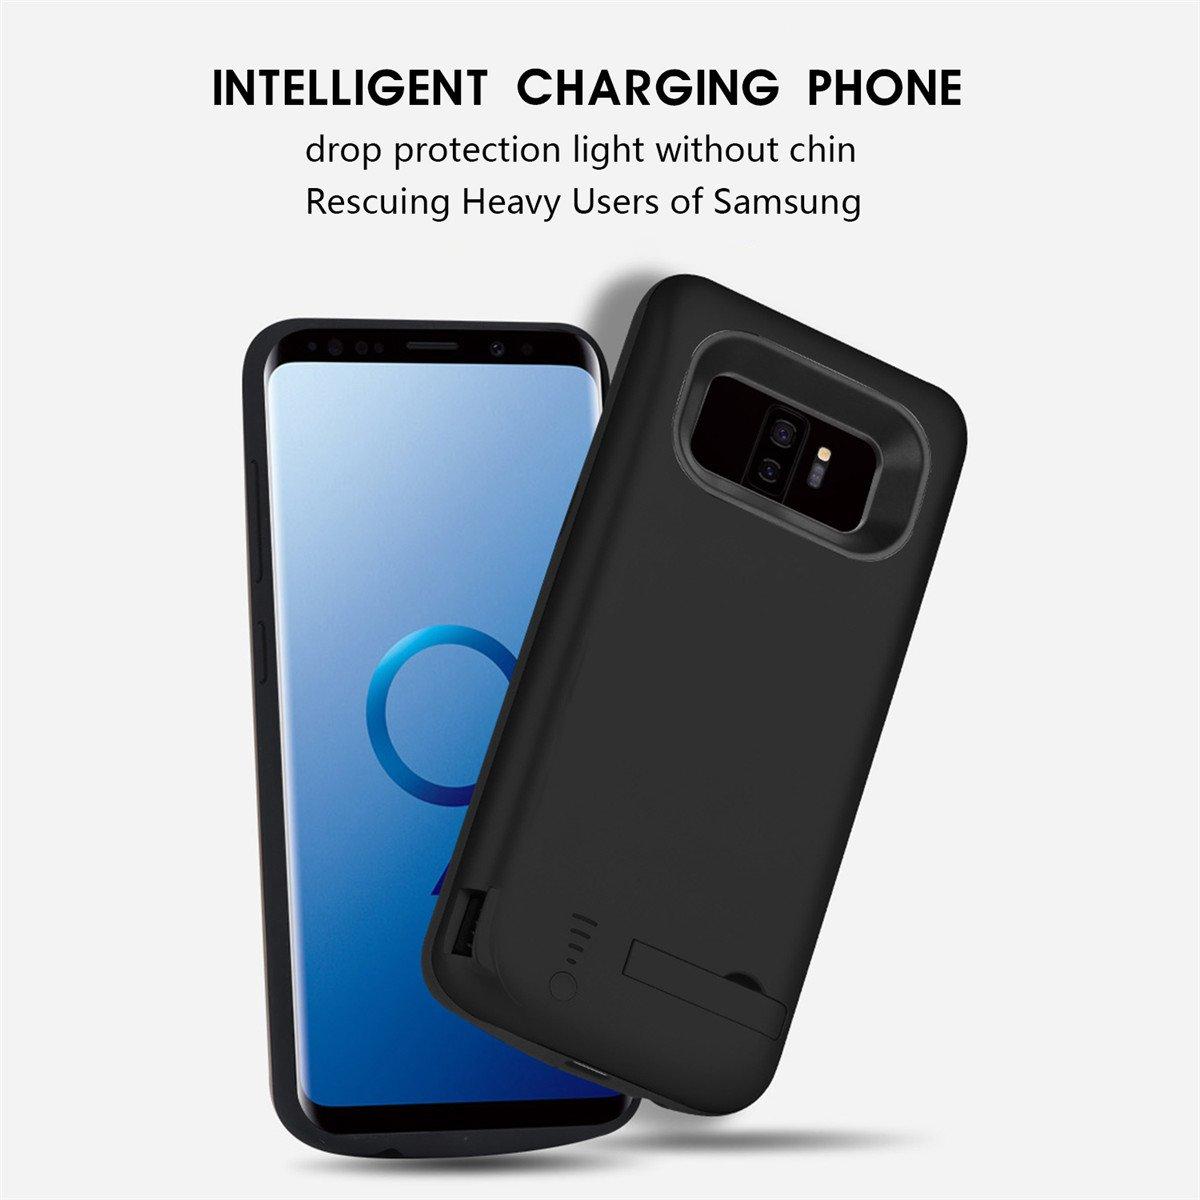 Funda Samsung Galaxy S9 Plus Bateria, LifeePro 6000mAh Recargable Externa Portátil Batería Cargador Pack Power Bank Ultra Fina Integrada Recargable de ...